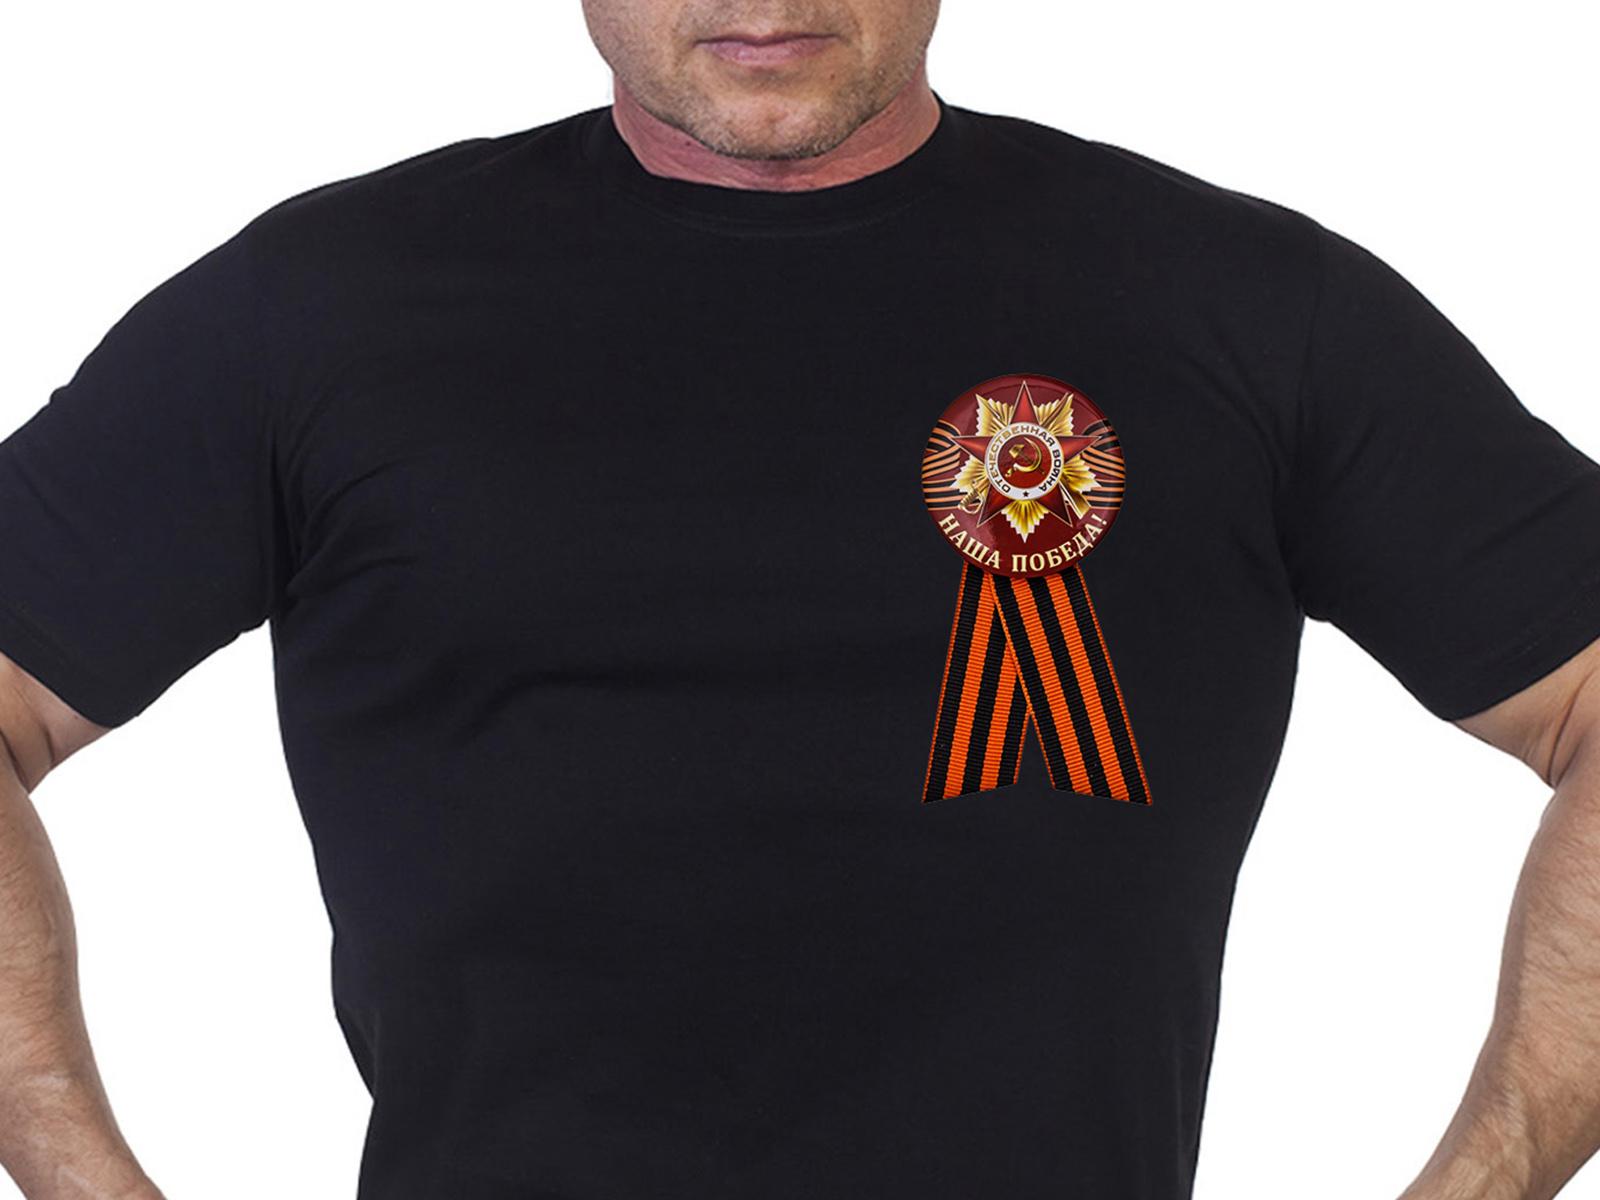 Значок «Наша Победа!» к 75-летию Победы в ВОВ по выгодной цене